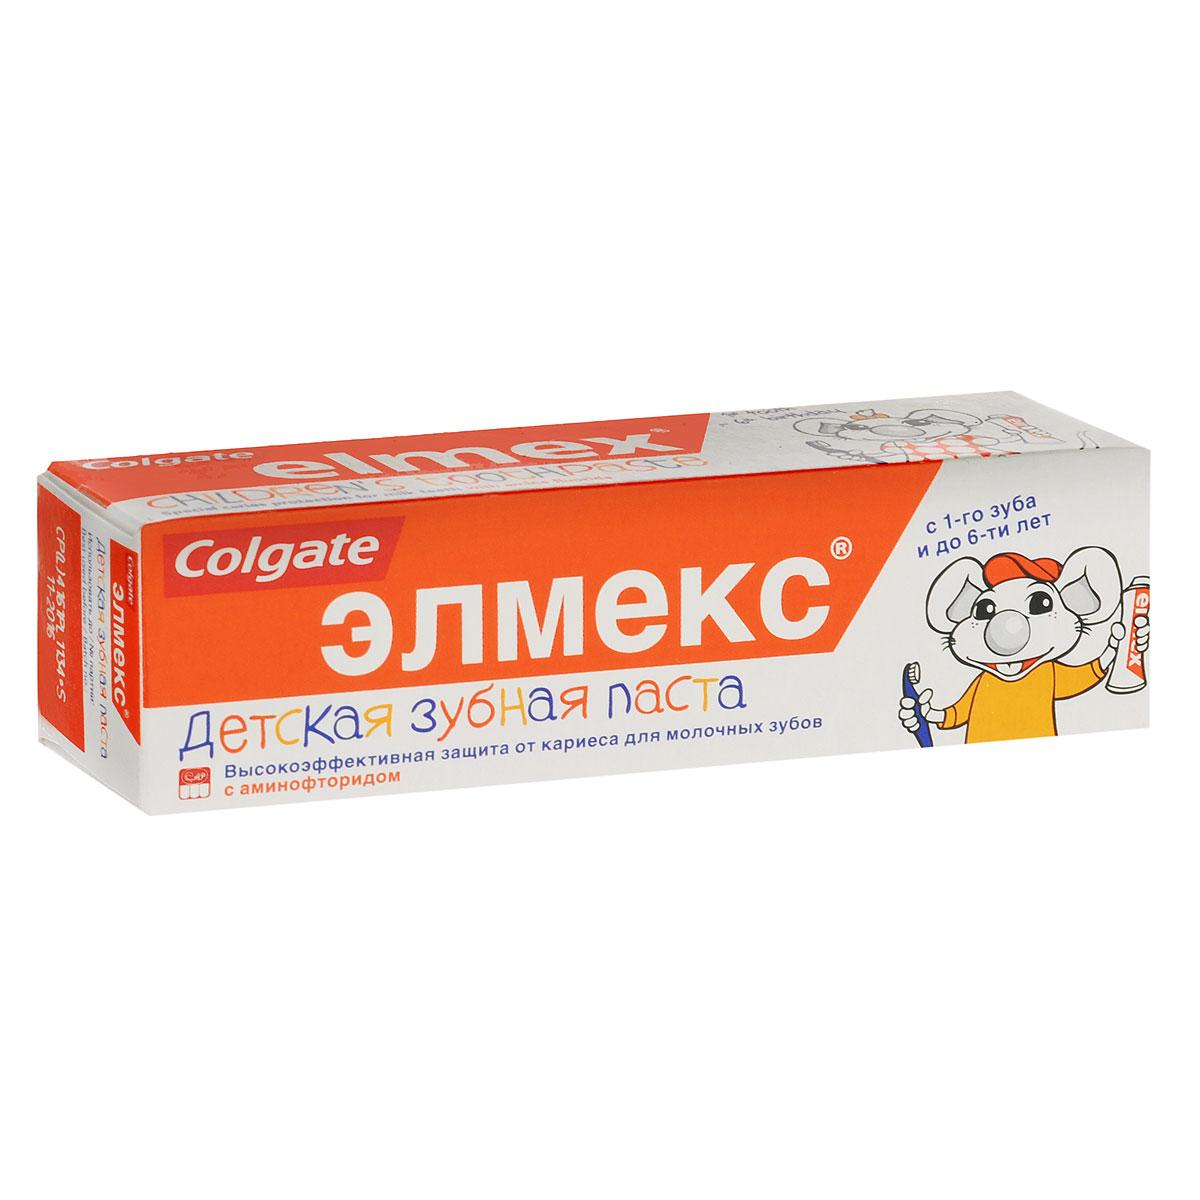 Colgate Детская зубная паста Элмекс, для молочных зубов, с аминофторидом, с 1-го зуба до 6 лет, 50 мл